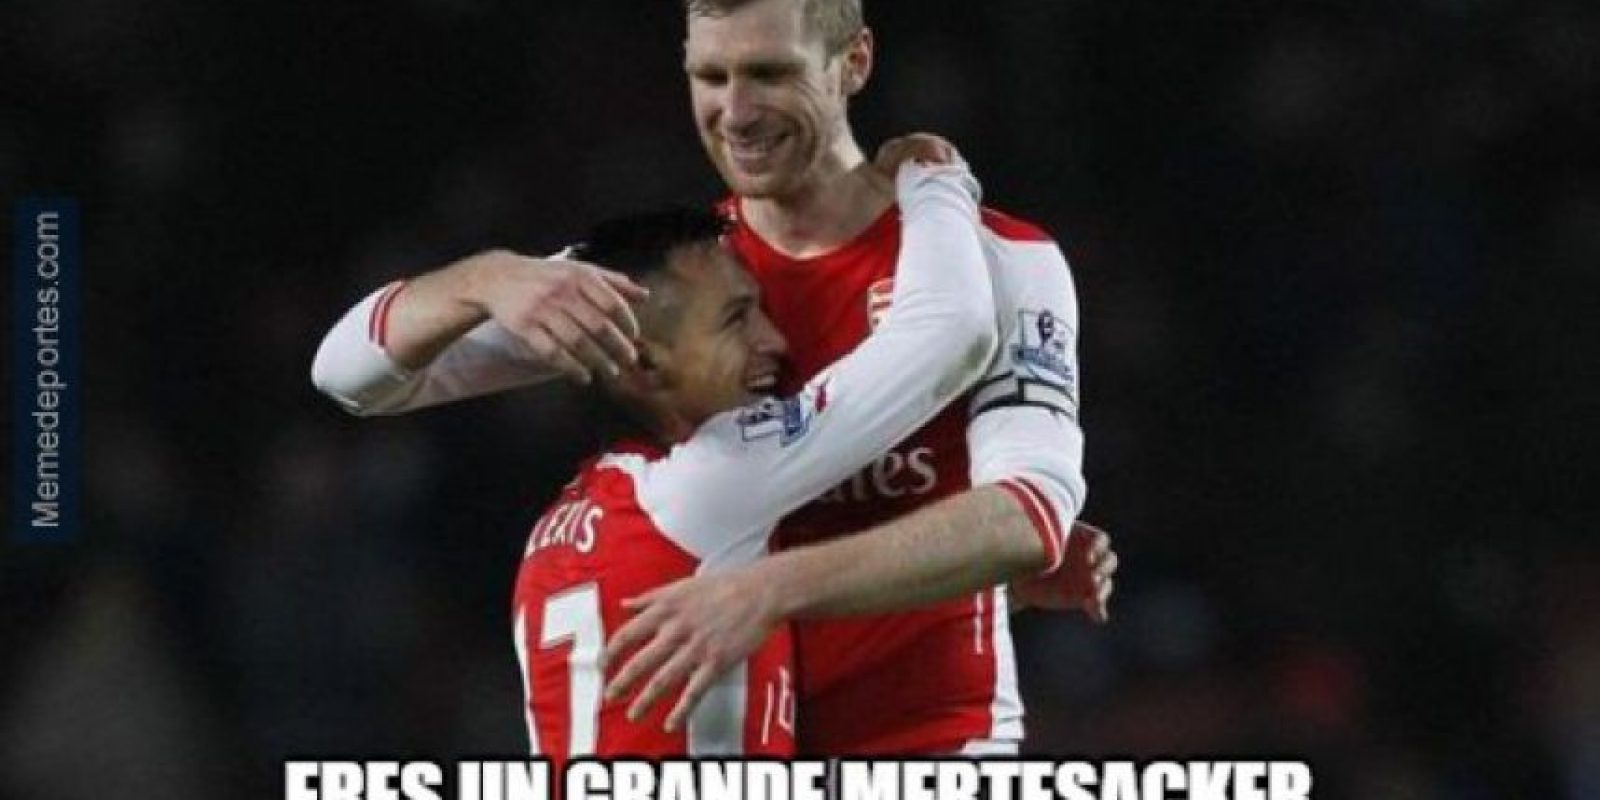 Mertesacker también colaboró en el título del Arsenal. Foto:memedeportes.com